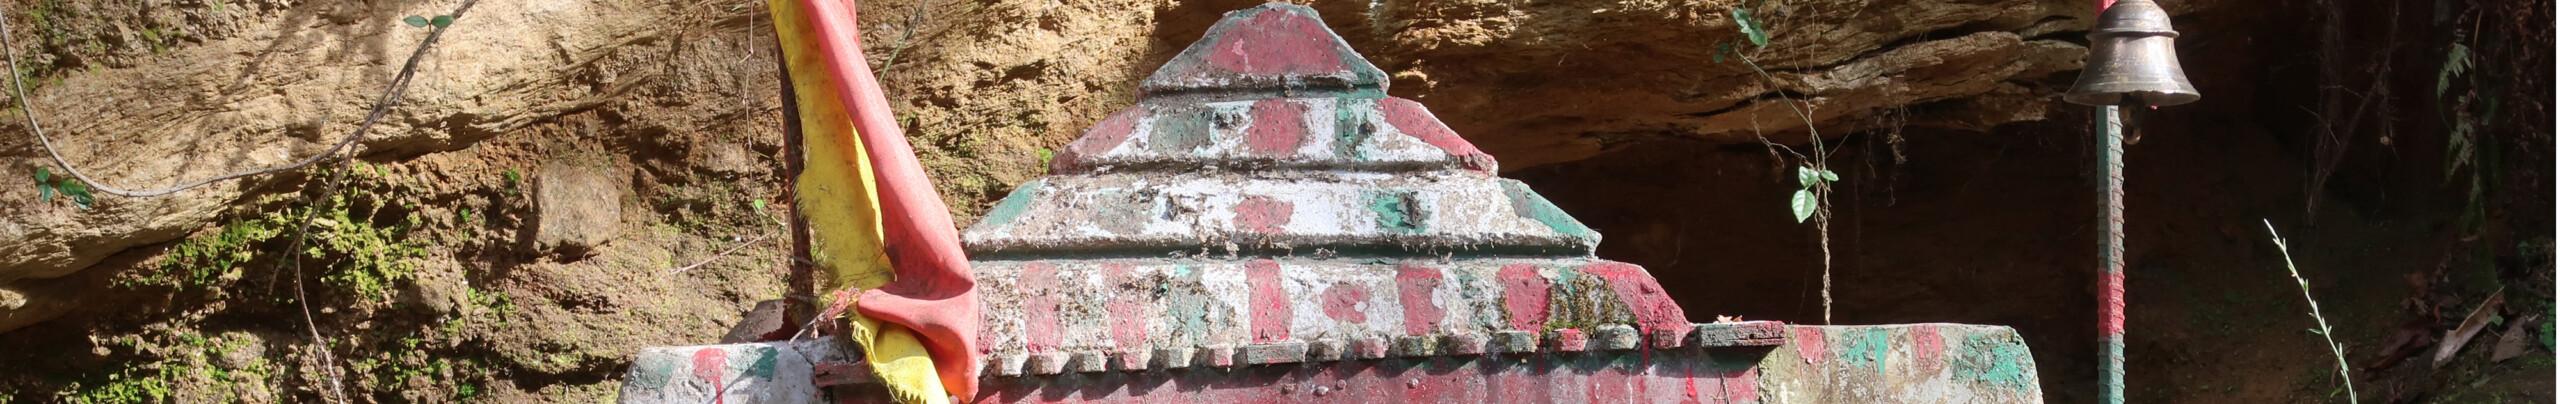 tempel yoga